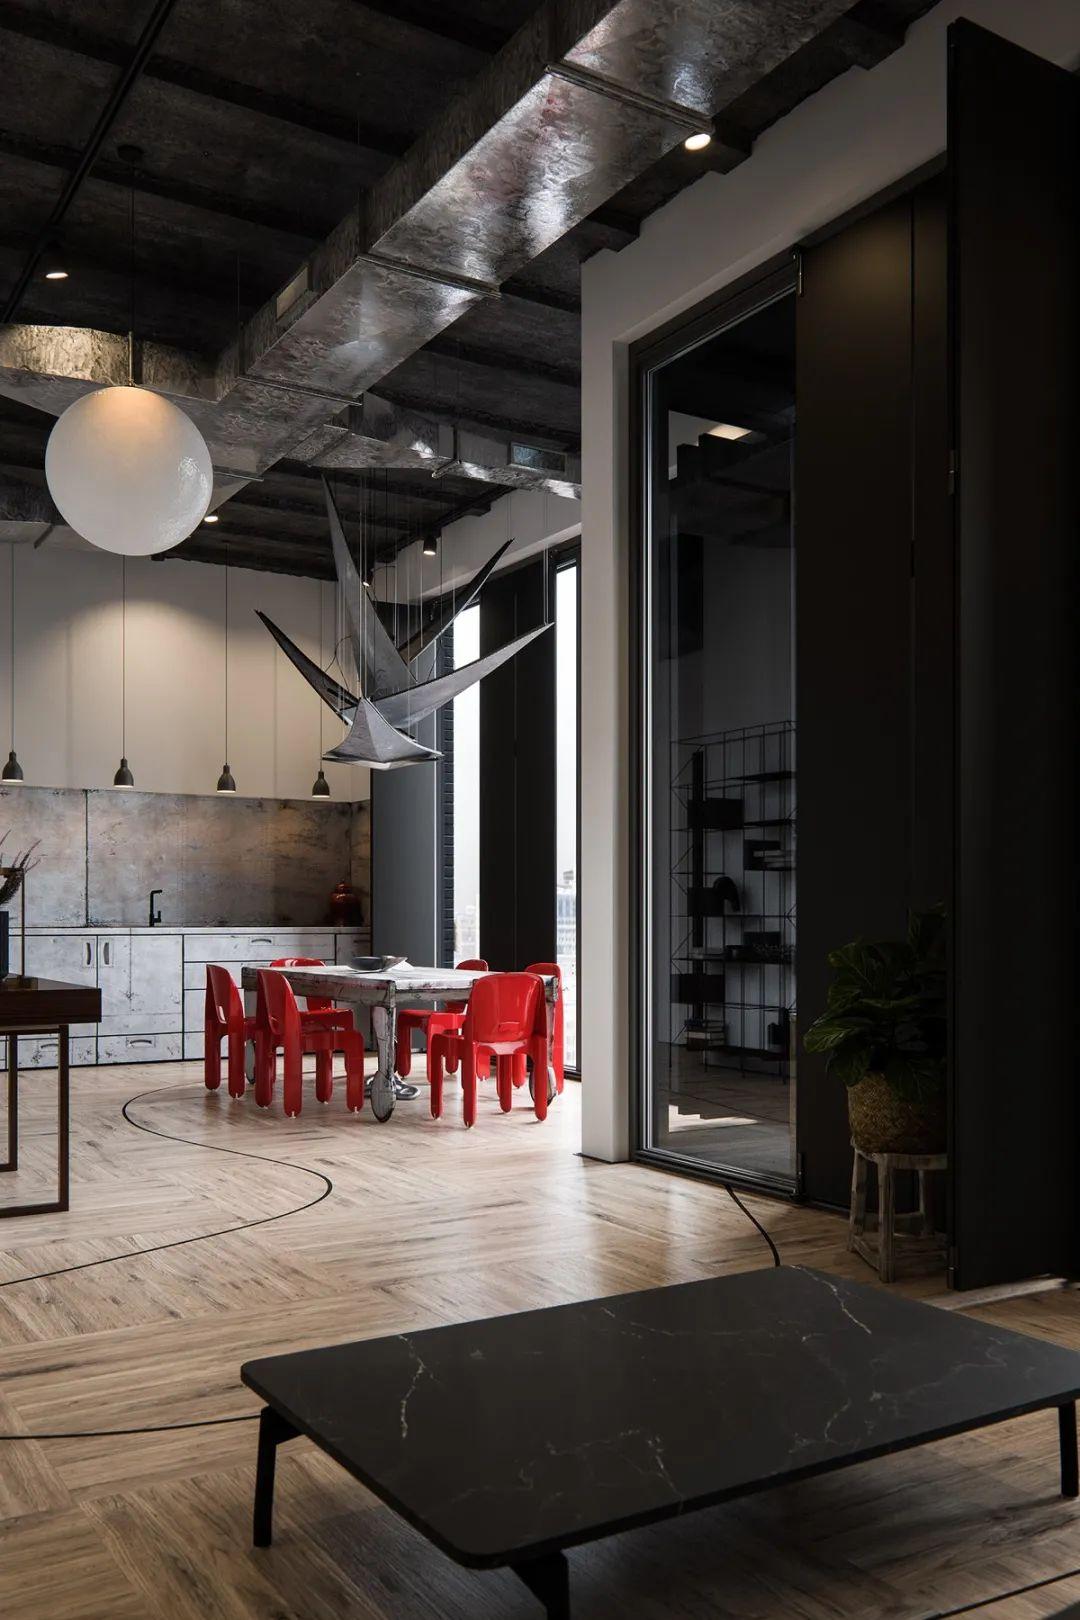 51款魅力餐厅设计